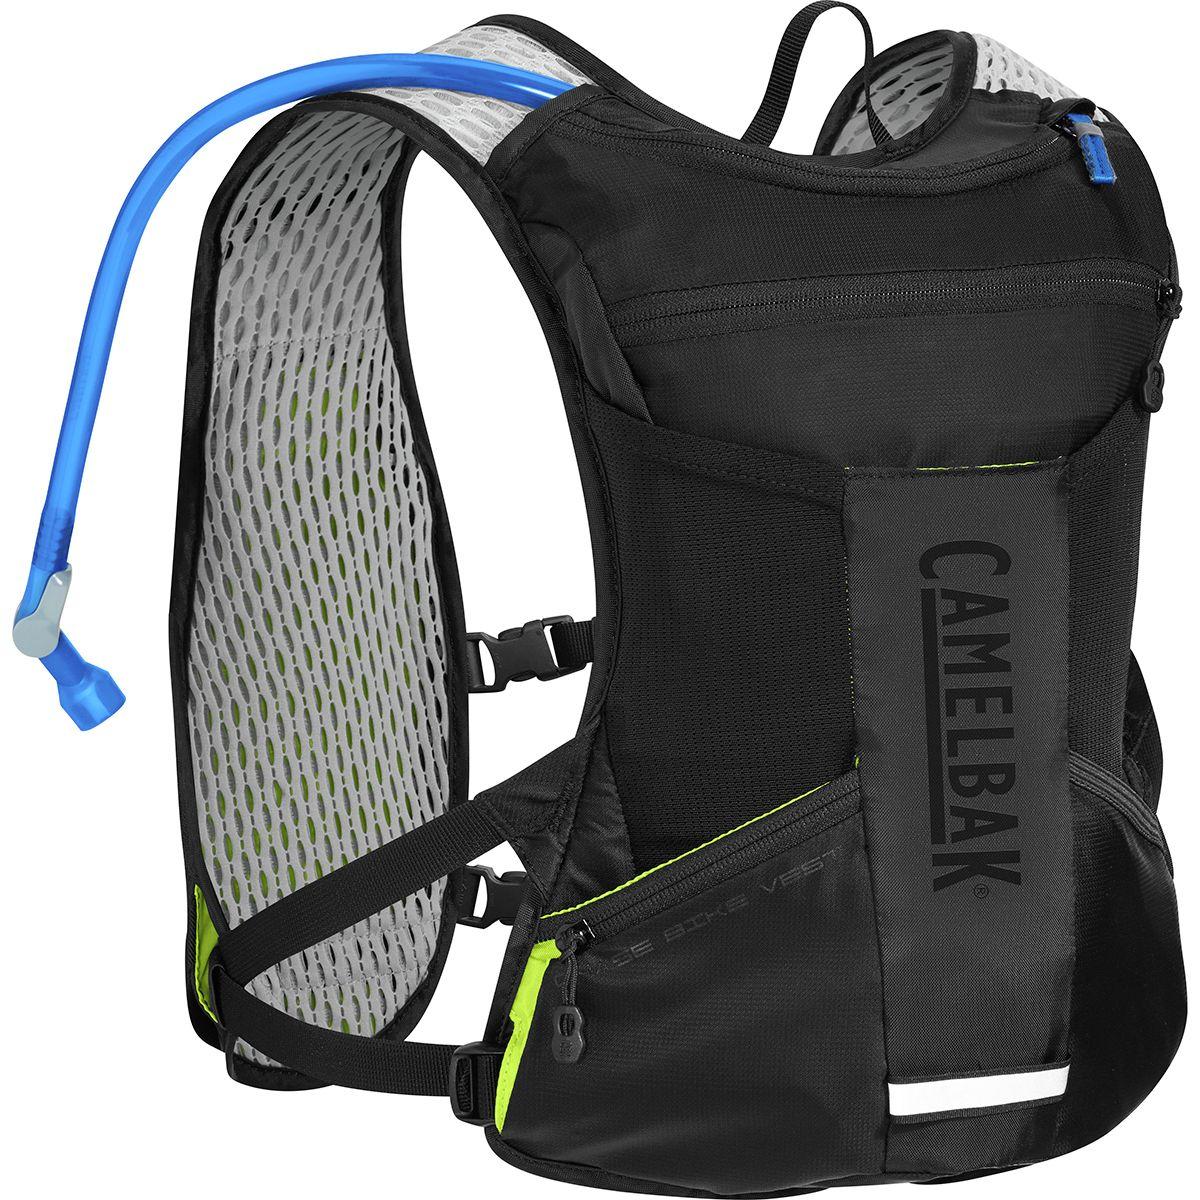 CamelBak Chase Bike Vest